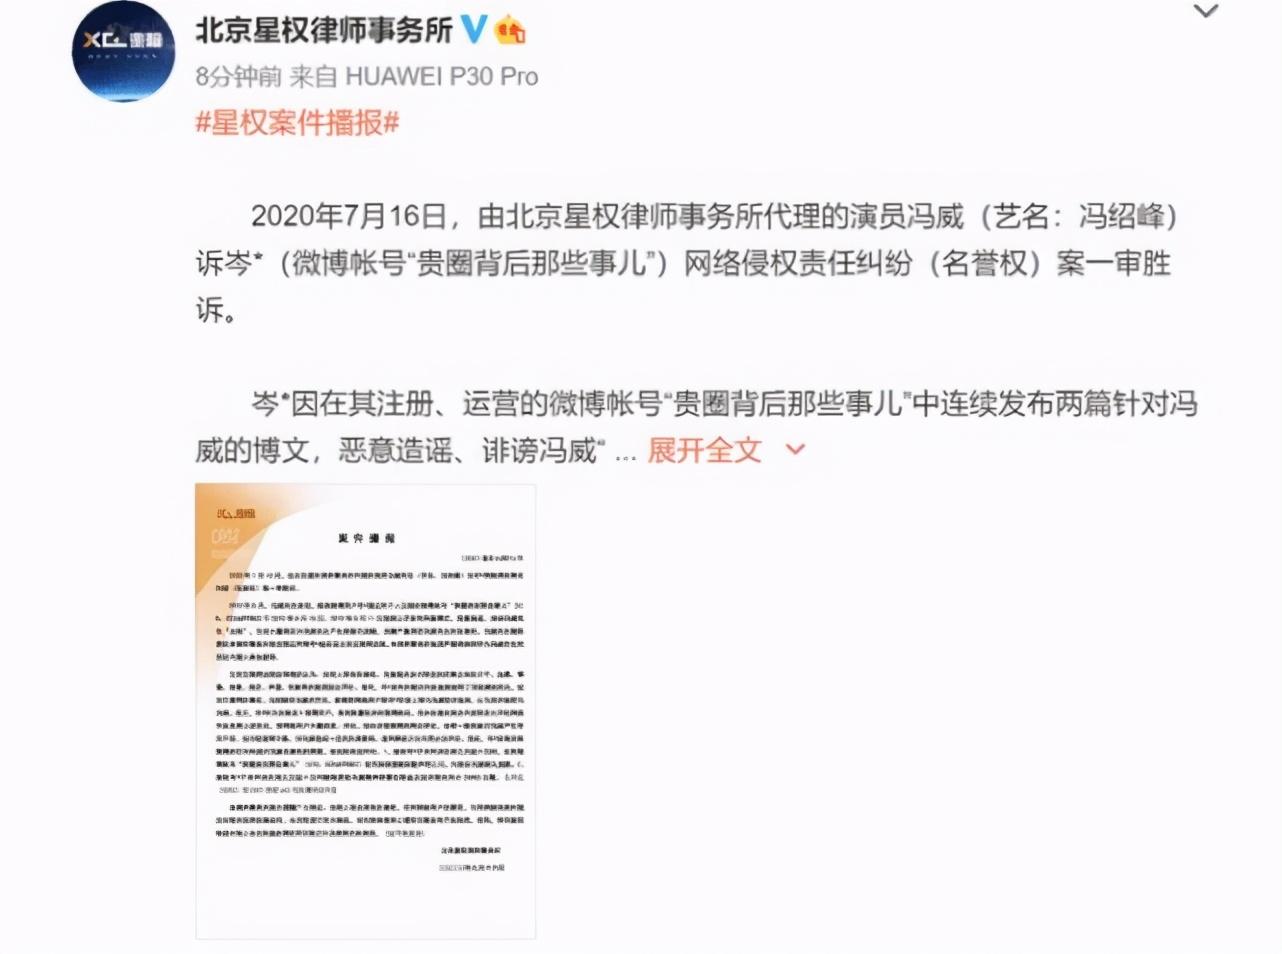 赵丽颖多次被曝已与冯绍峰离婚,孩子非亲生,夫妻怒发声明辟谣